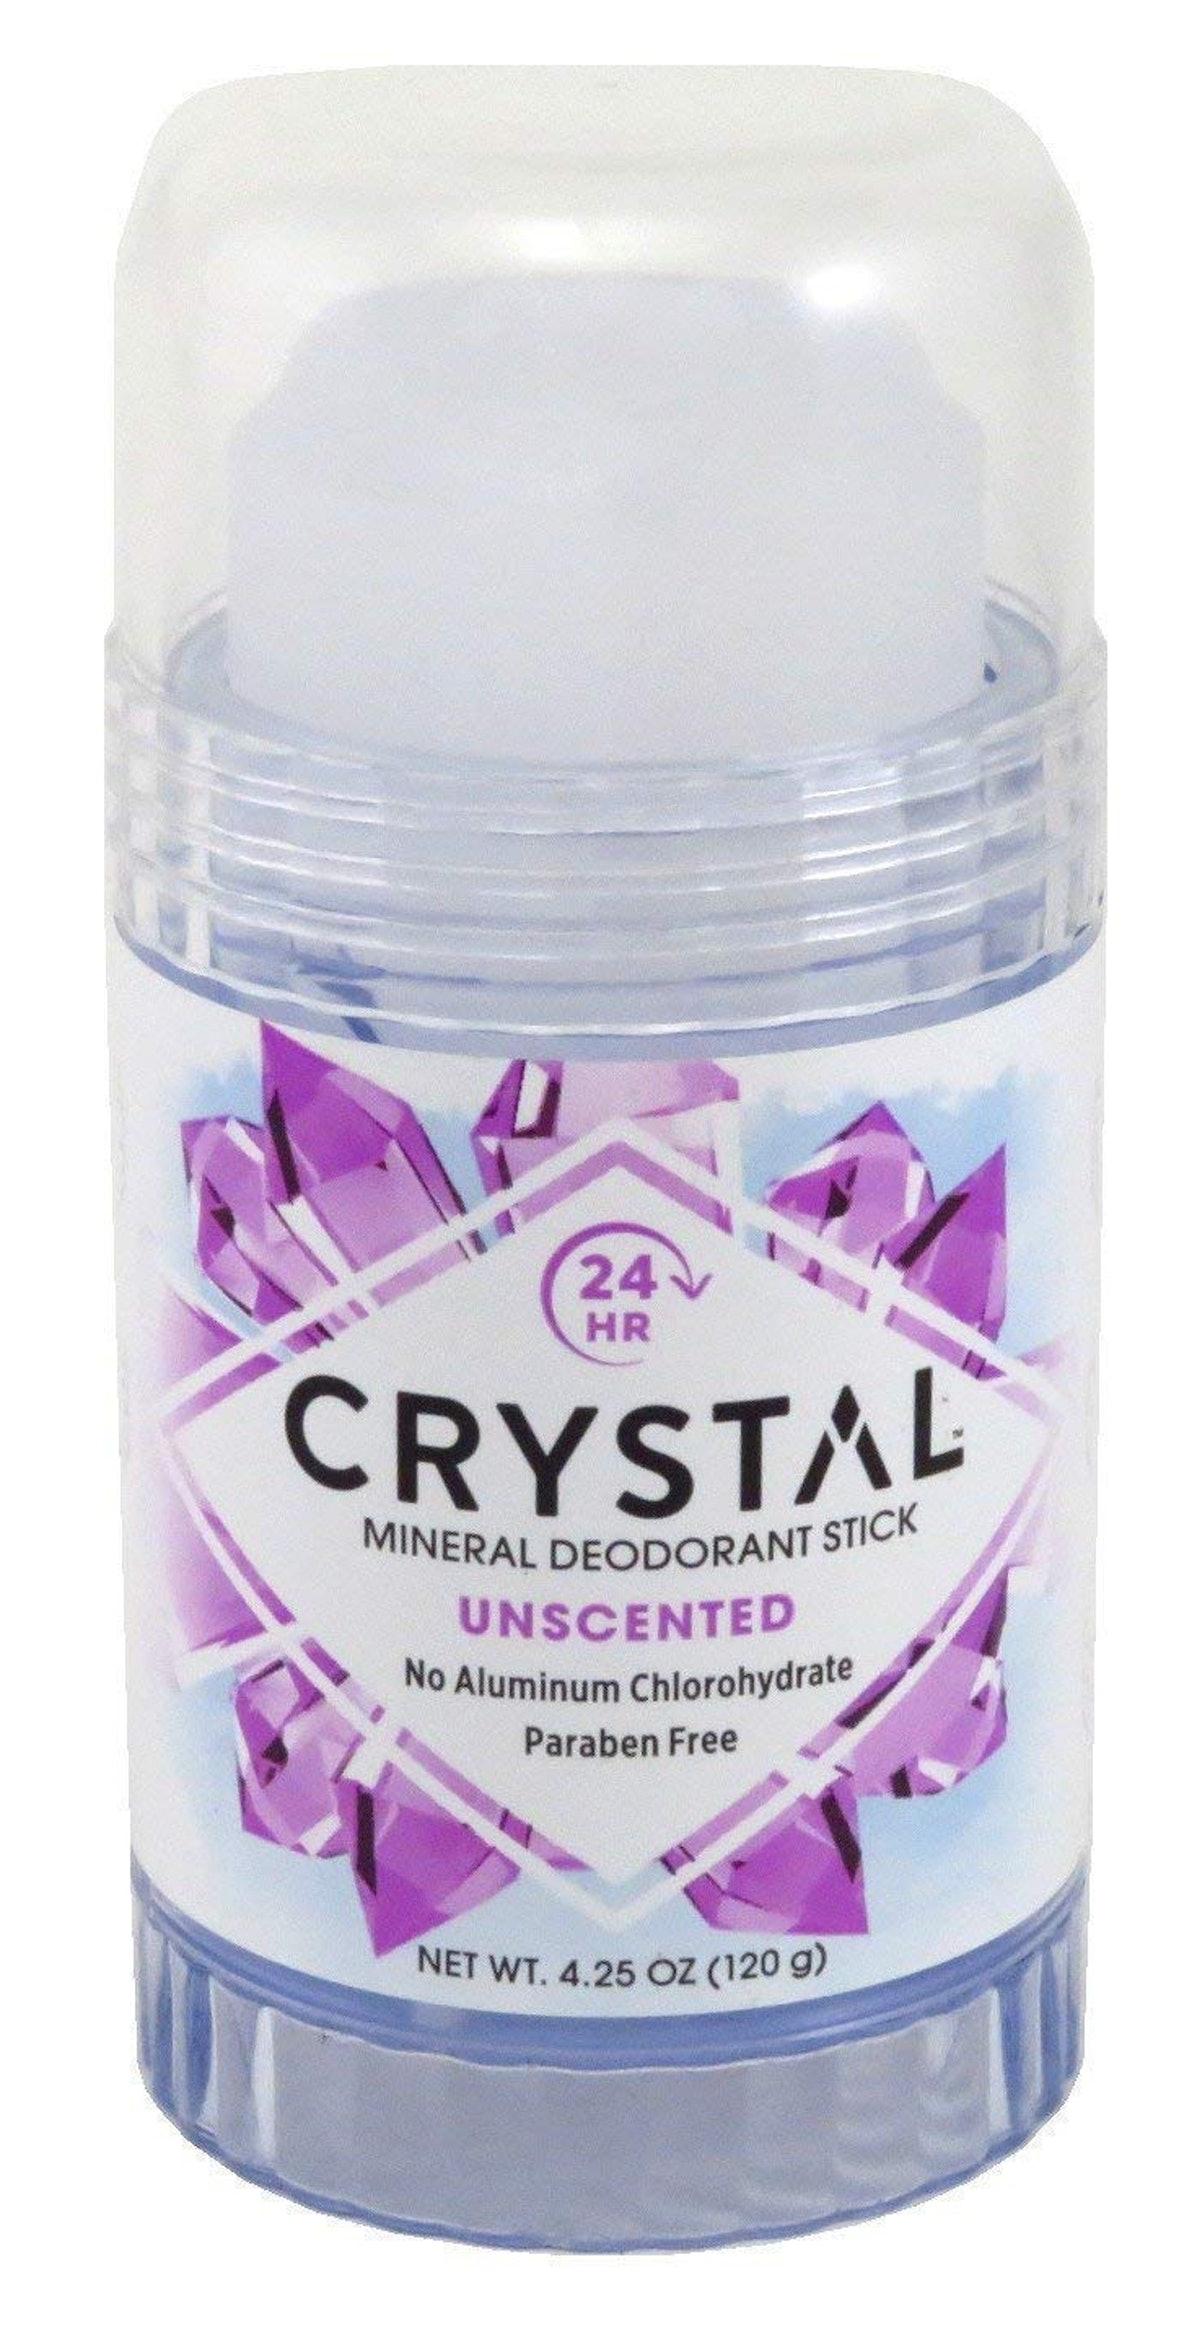 Crystal Natural Deodorant